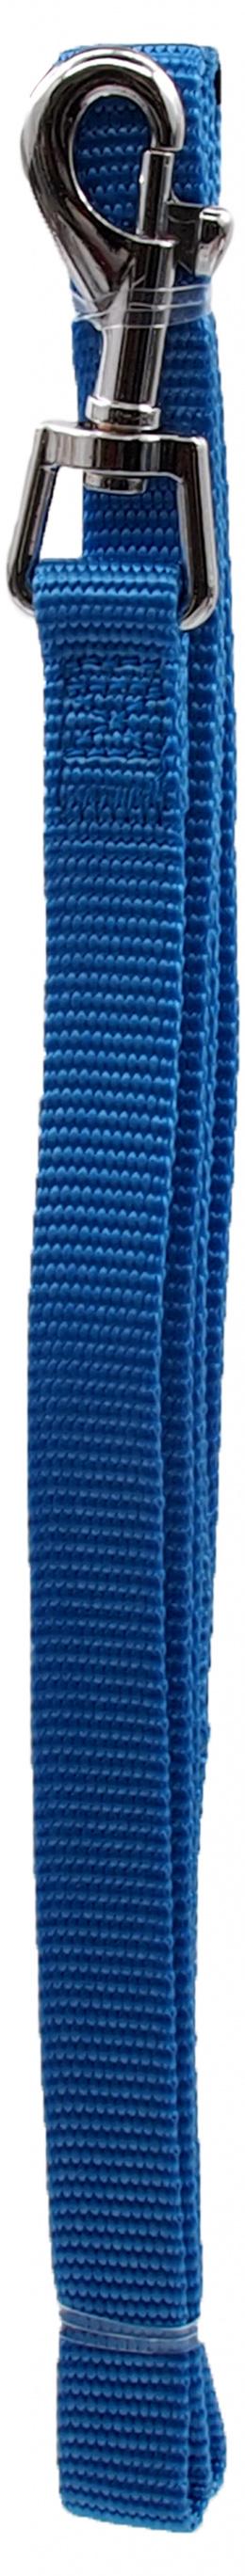 Voditko DF Classic S modre 1,5x120cm